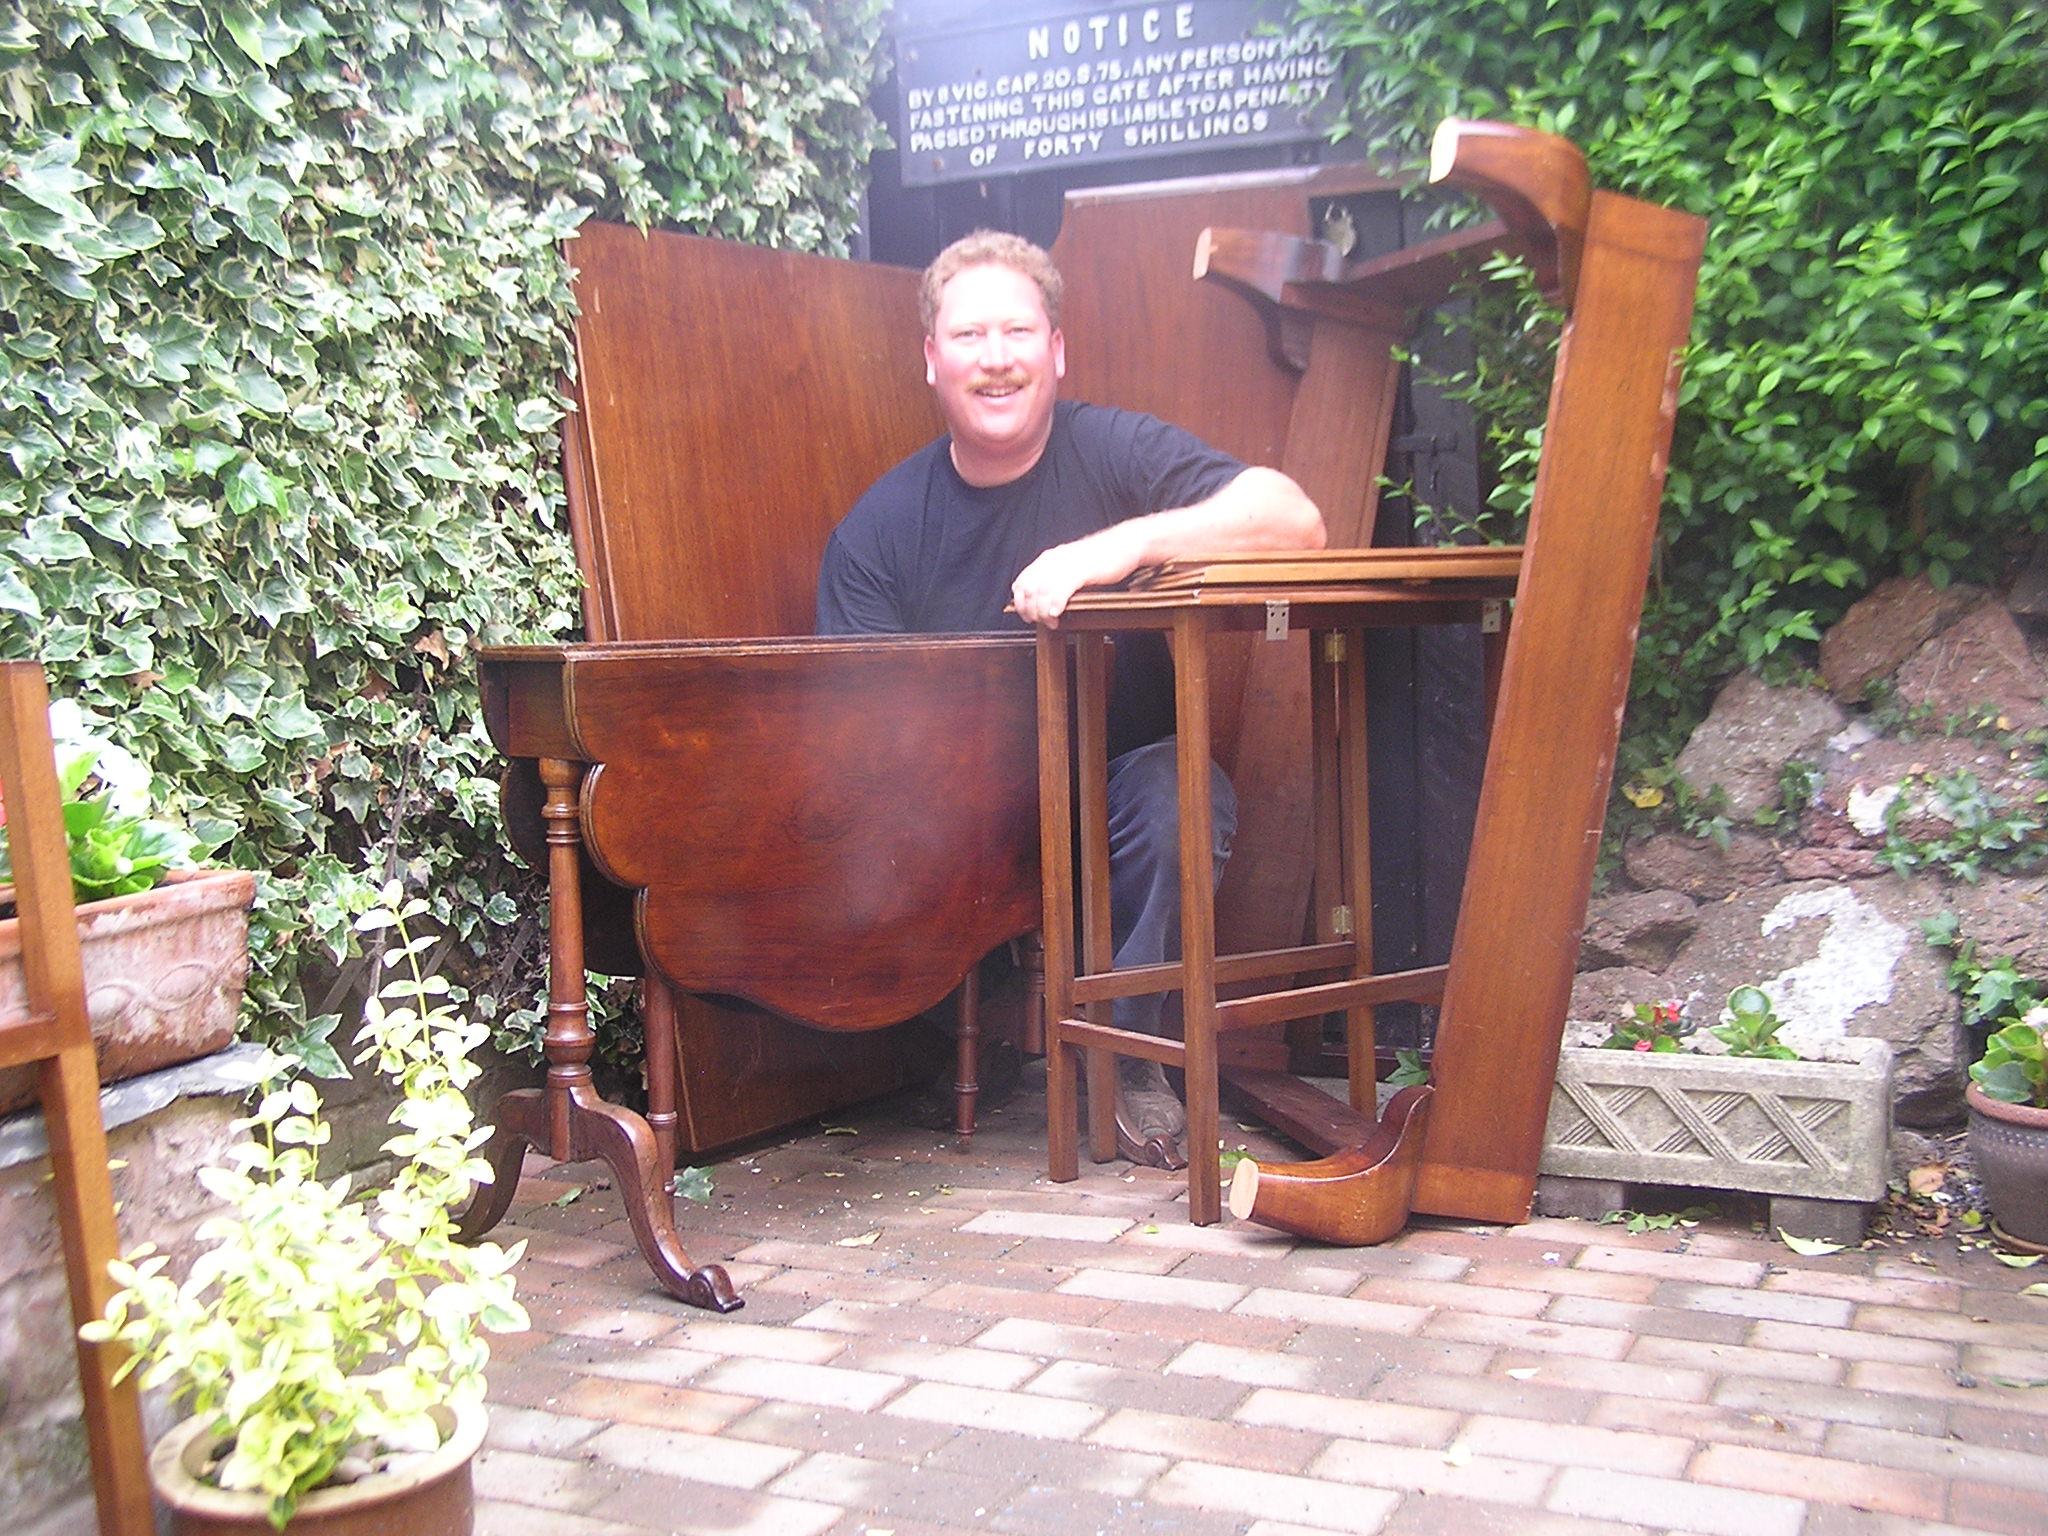 Author John Buckham's haul of antique furniture